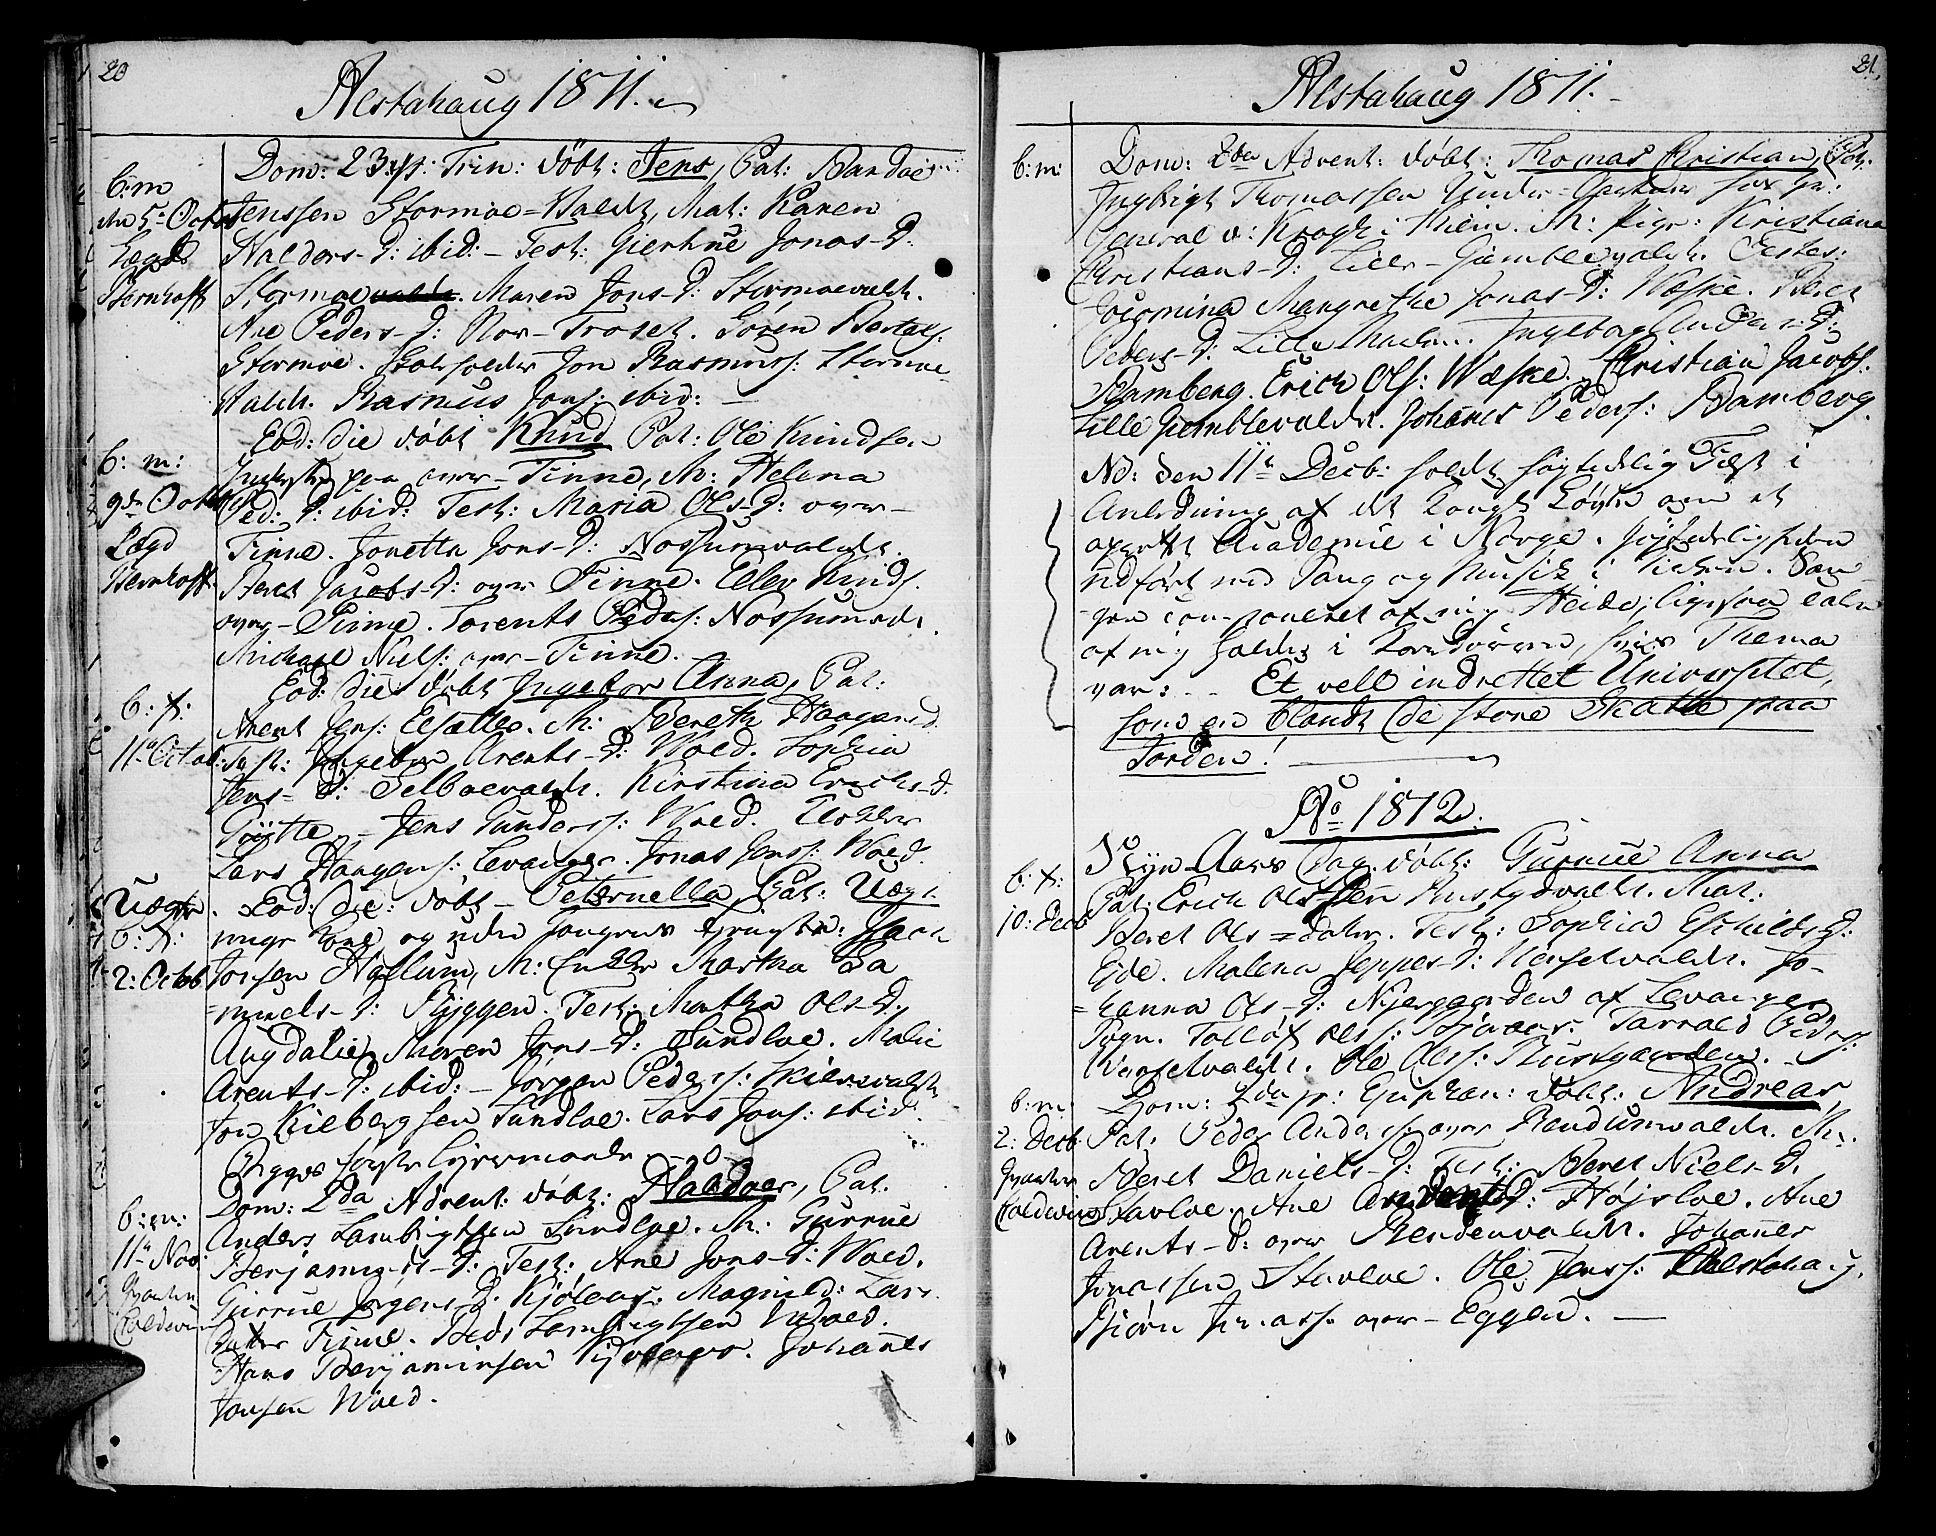 SAT, Ministerialprotokoller, klokkerbøker og fødselsregistre - Nord-Trøndelag, 717/L0145: Ministerialbok nr. 717A03 /1, 1810-1815, s. 20-21